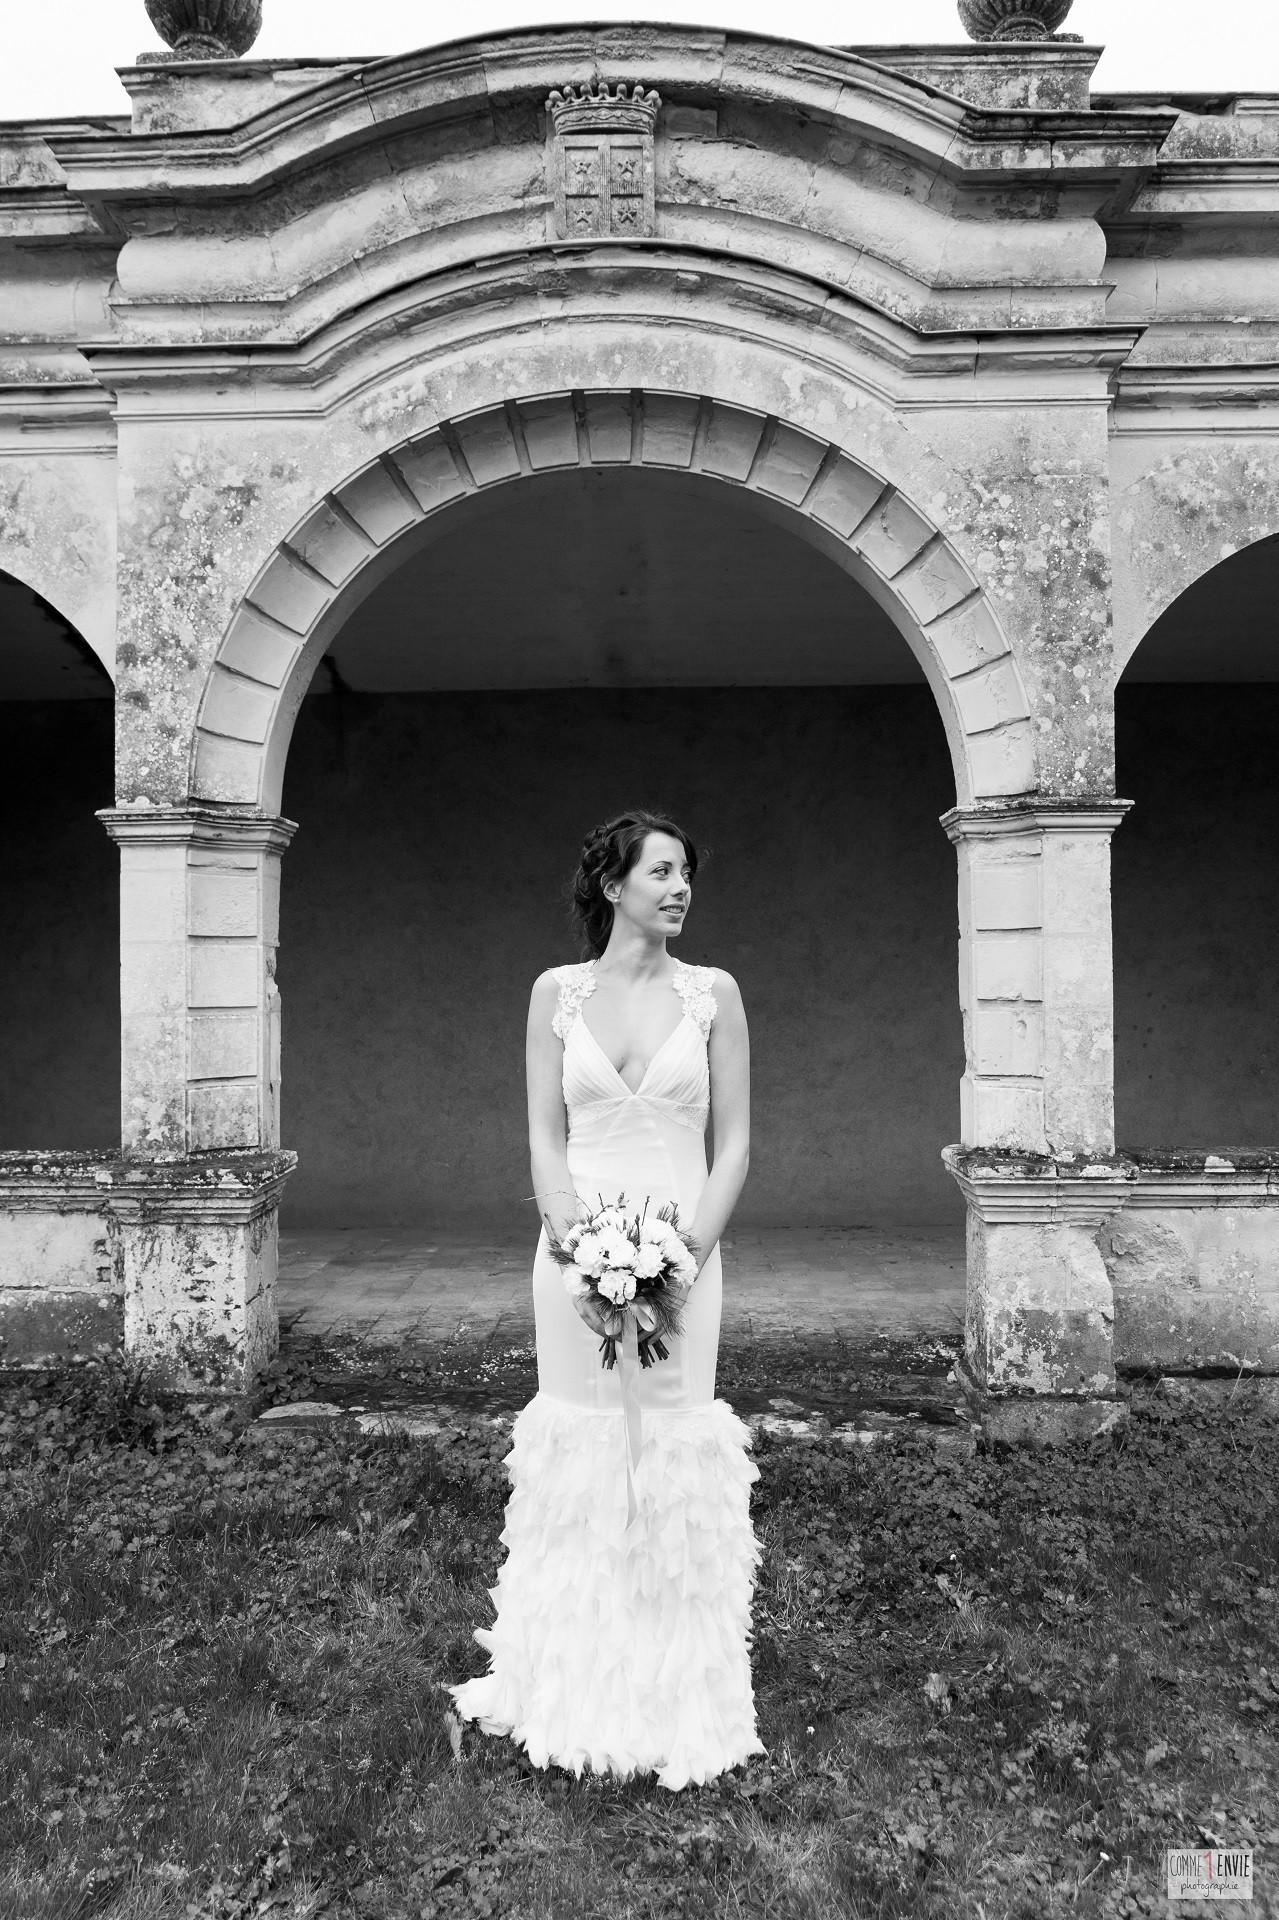 ZeroWaste2016 wedding dress (1)